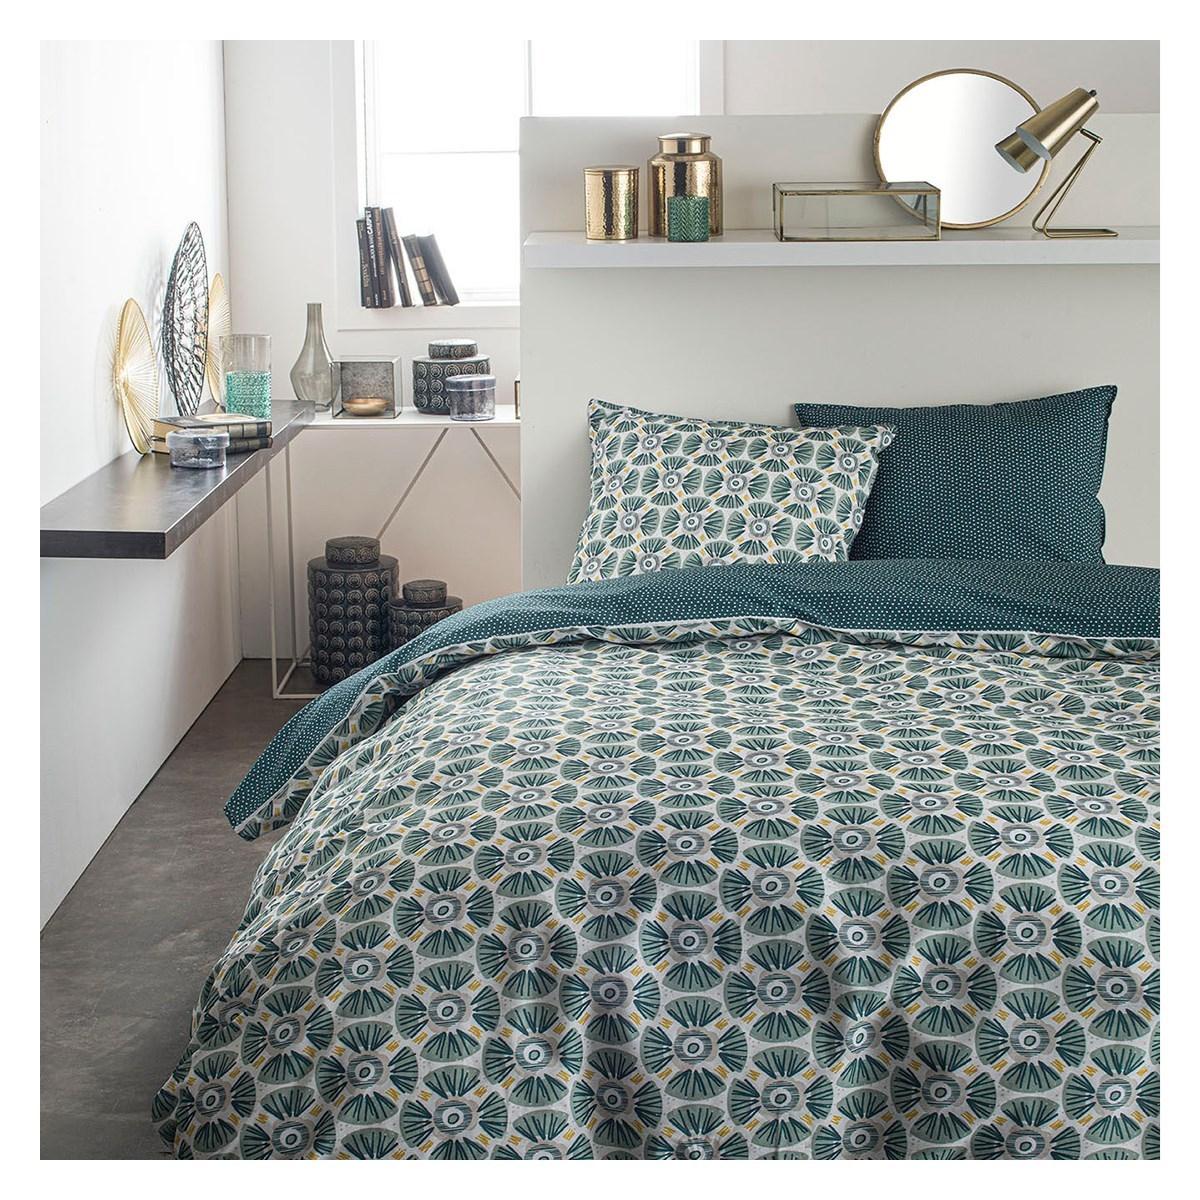 Parure de lit 2 personnes imprimé en Coton Vert 240x260 cm